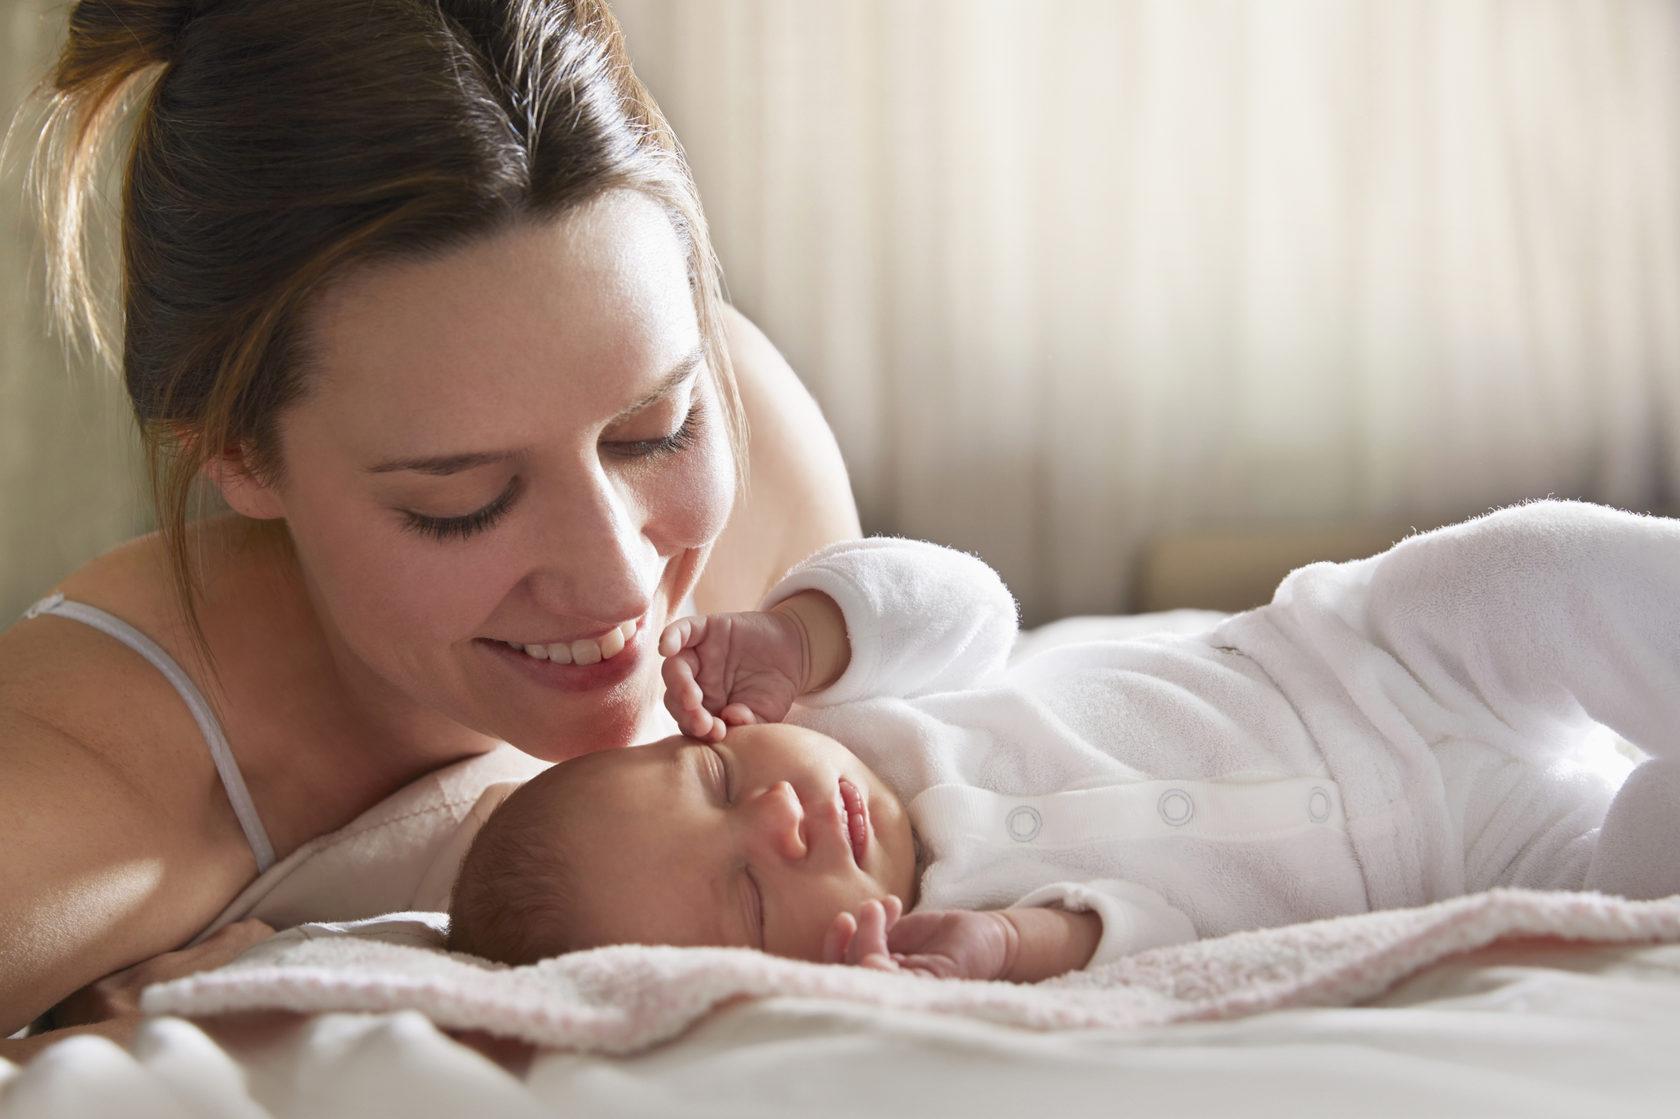 Не игнорируйте эти 10 ошибок в уходе за новорожденным, если вы молодая мама